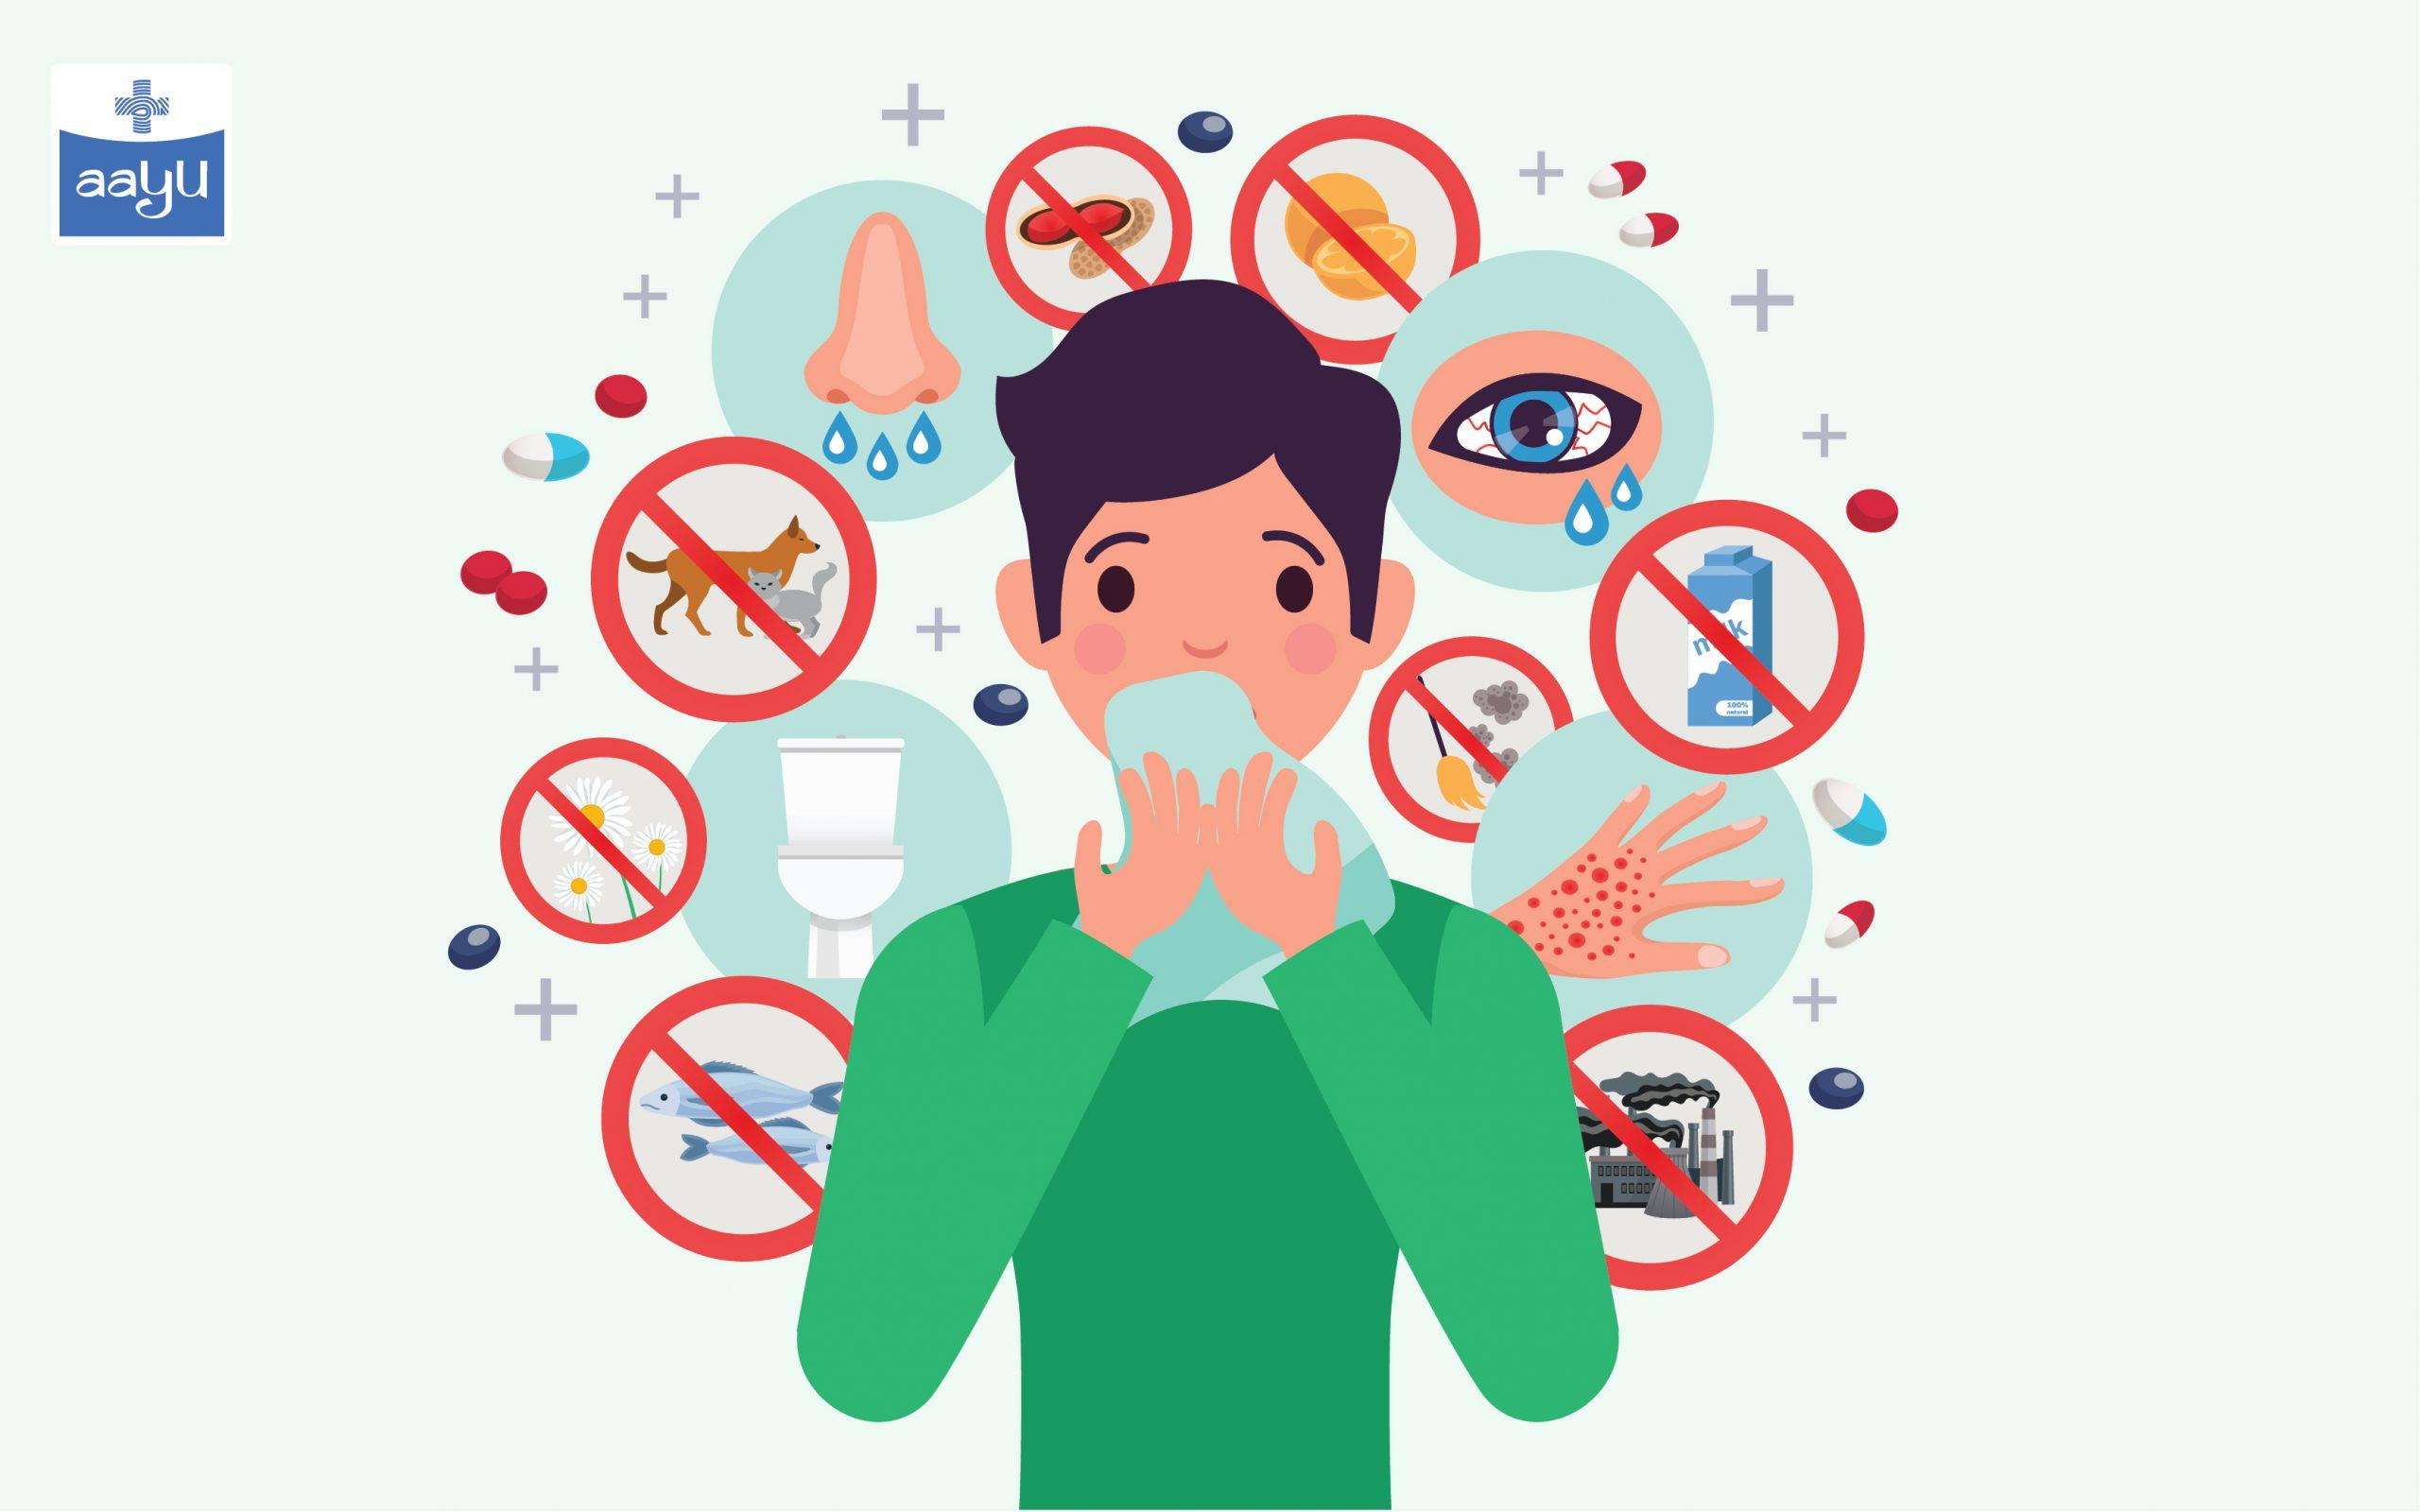 Allergy: एलर्जी क्या है, एलर्जी का पता कैसे लगाएं? How to find allergy